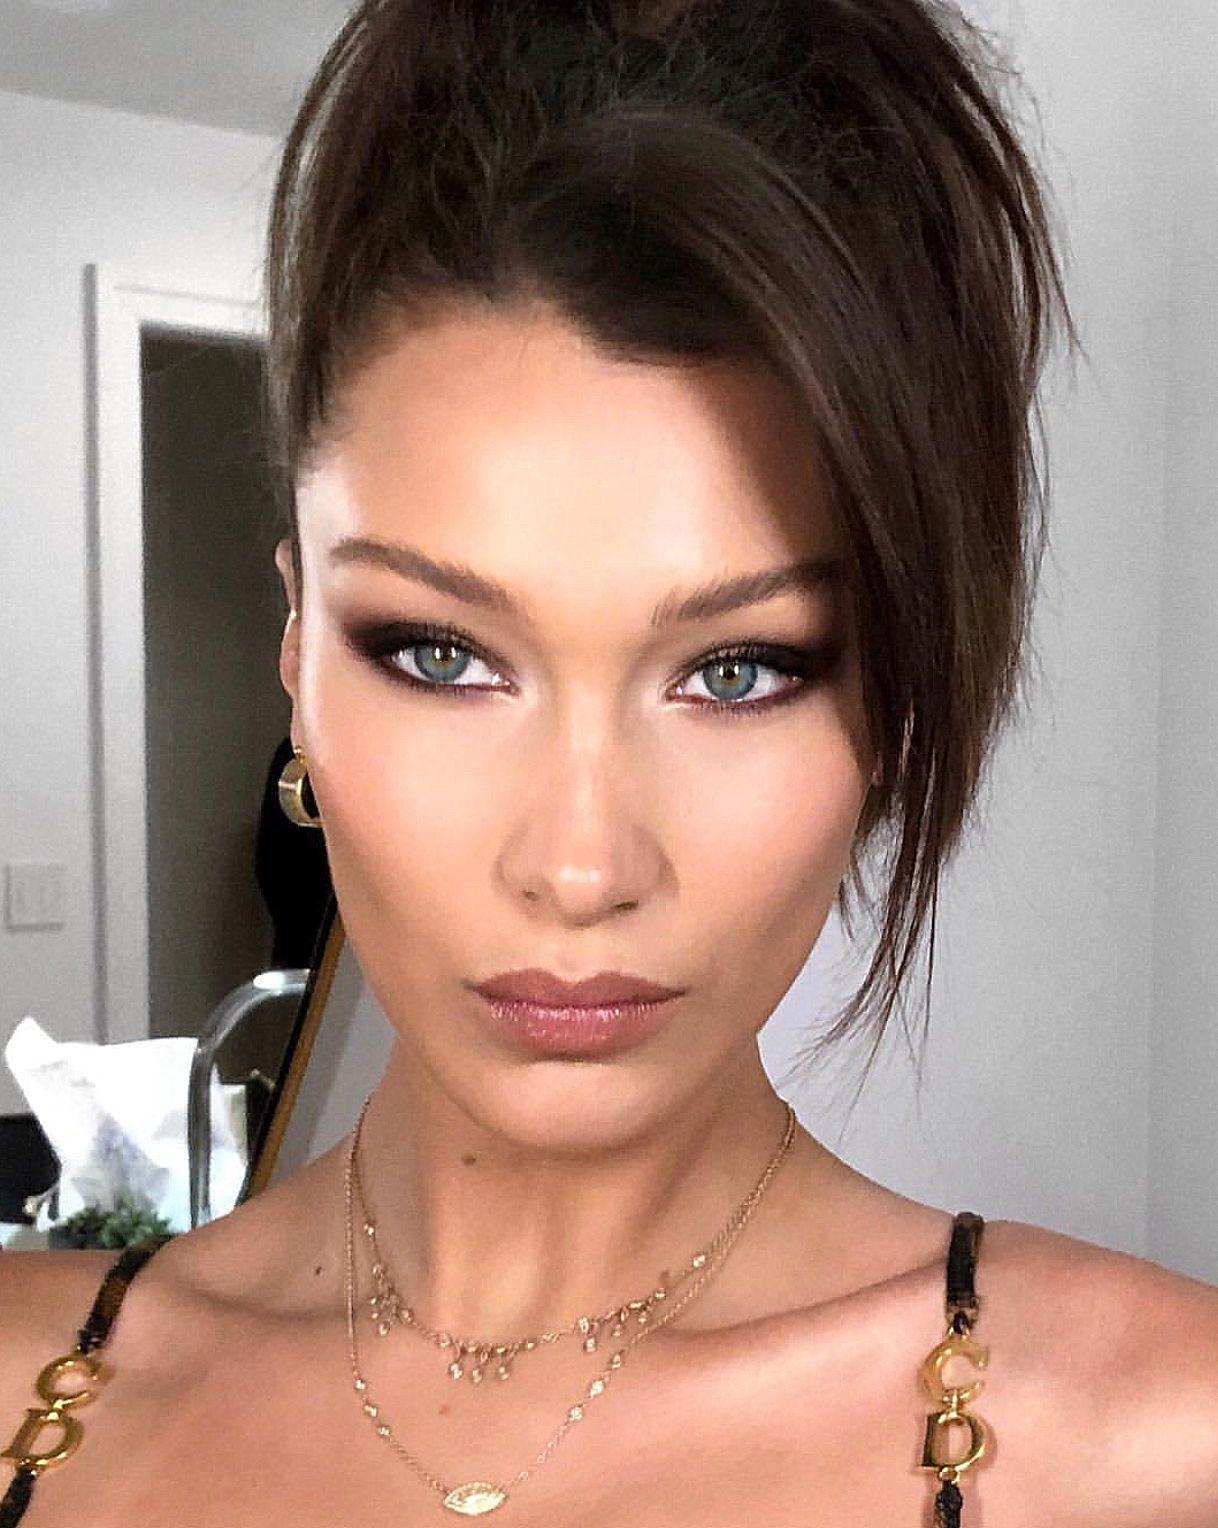 Bella Hadid Cat Eye Makeup Eyeliner Look Makeup Ideas In 2019